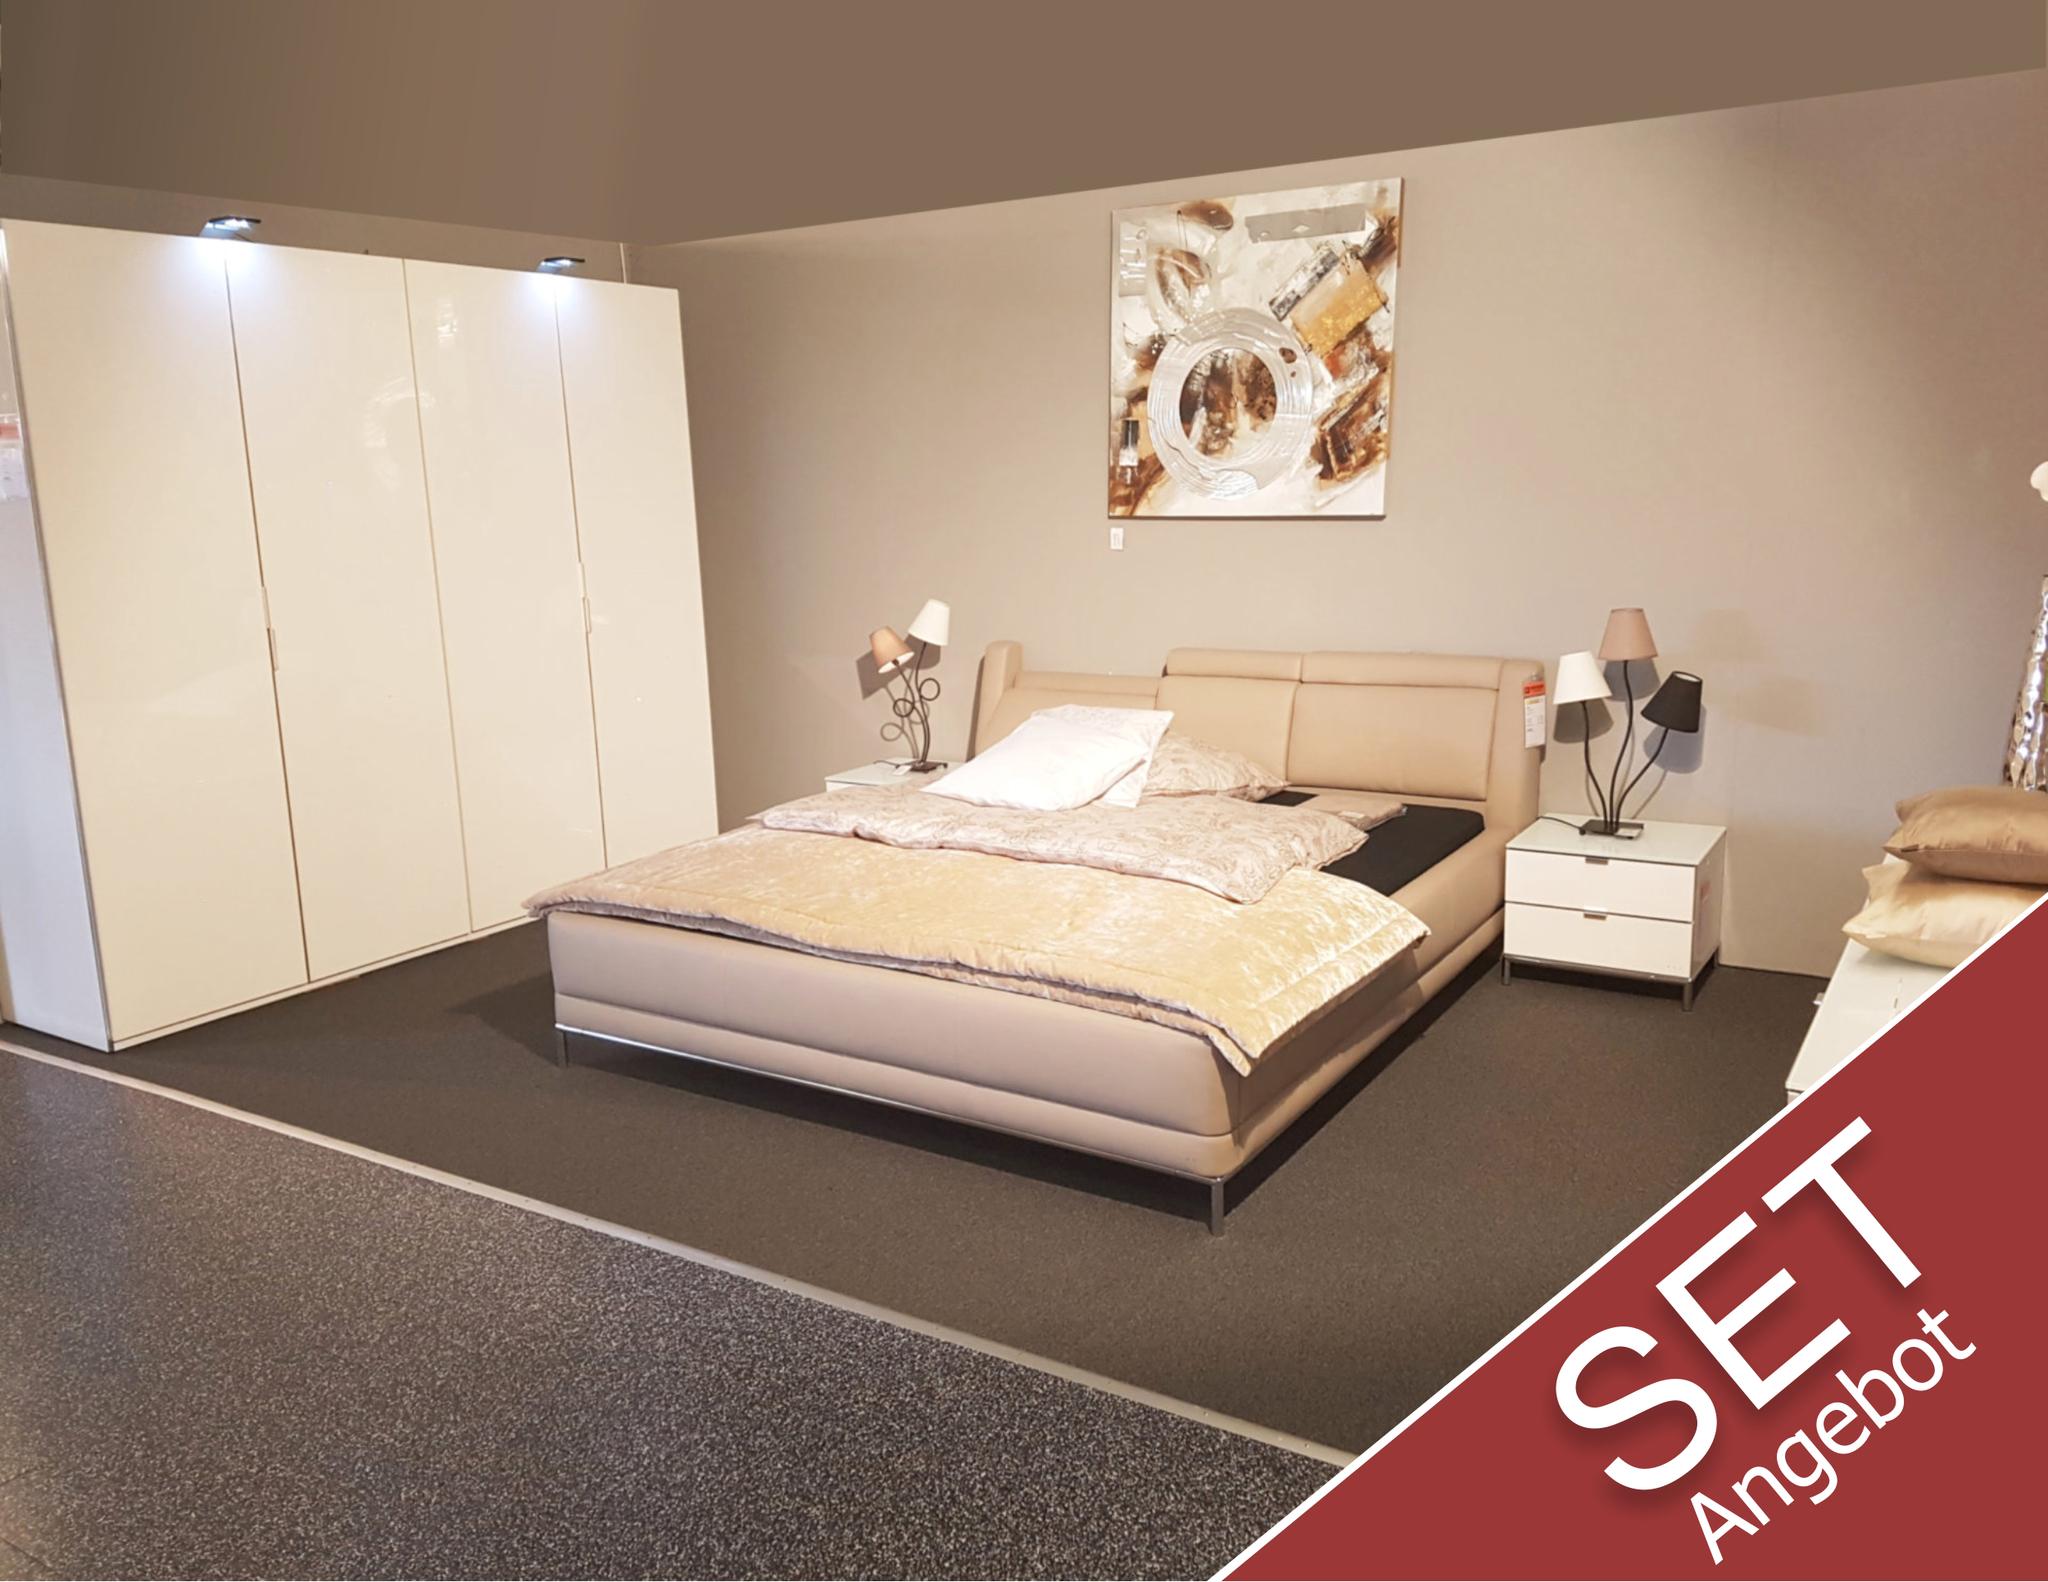 Schlafzimmer Chiraz online günstig kaufen - online bei discomoebel.shop